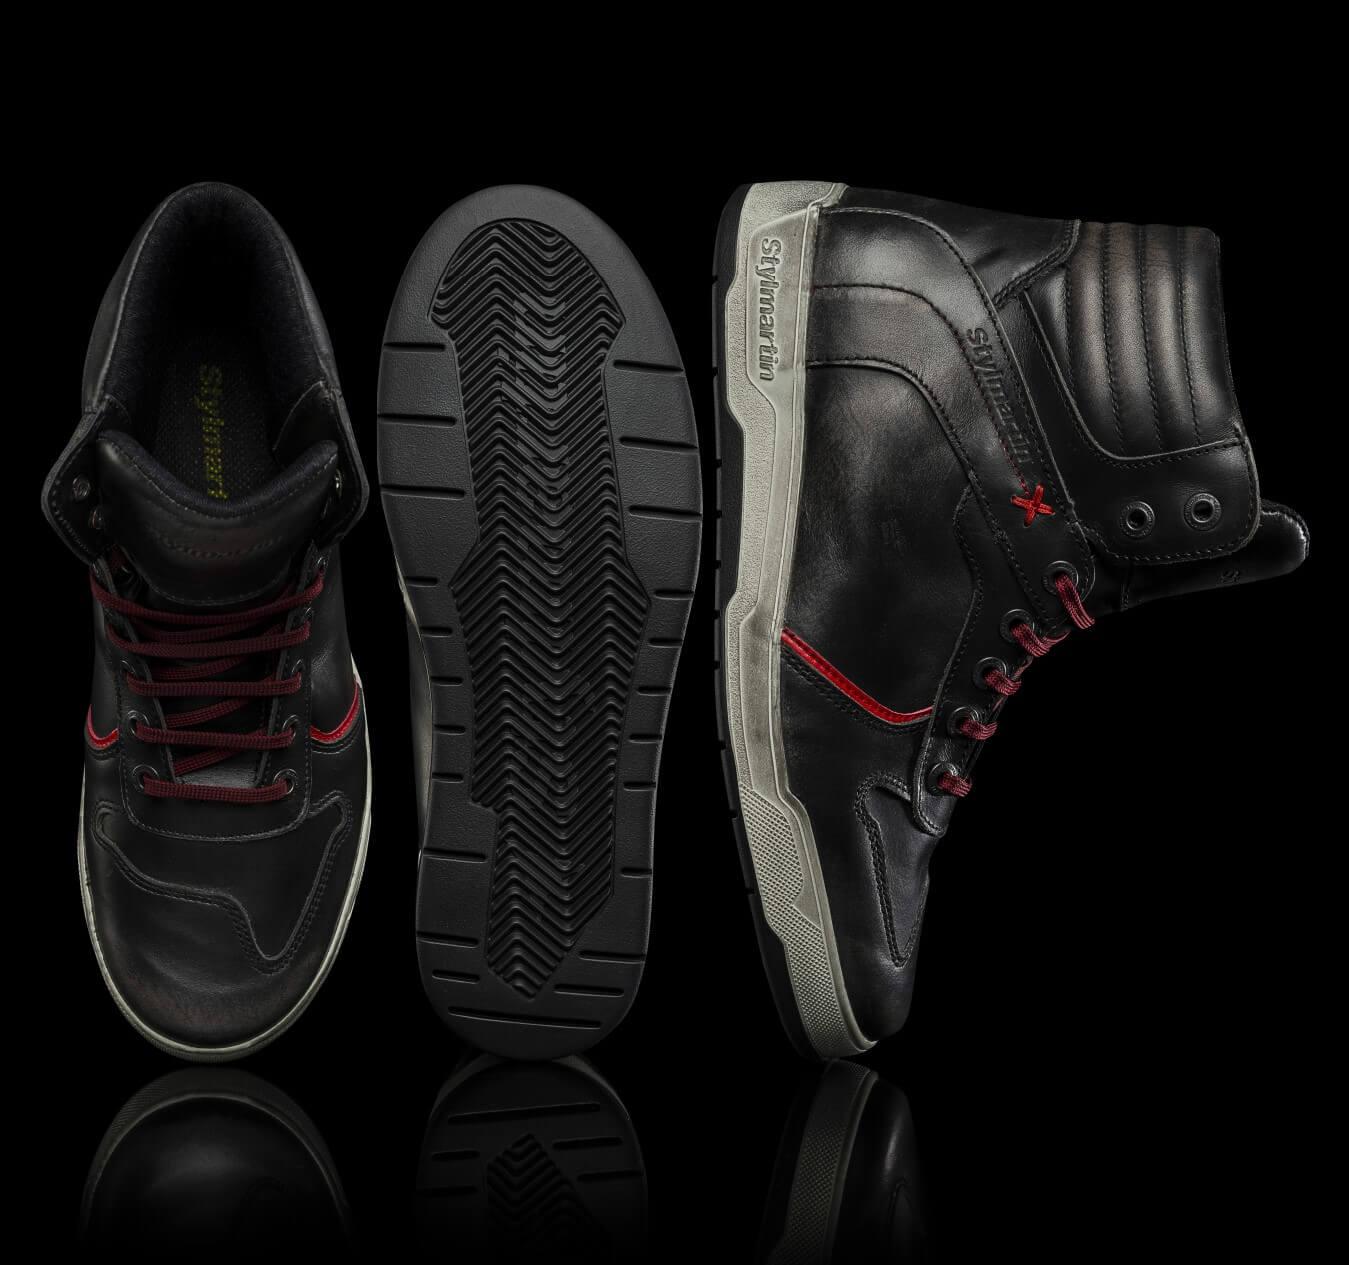 Sneakers moto IRON: perfette per i tuoi abbinamenti trendy dal sapore street.